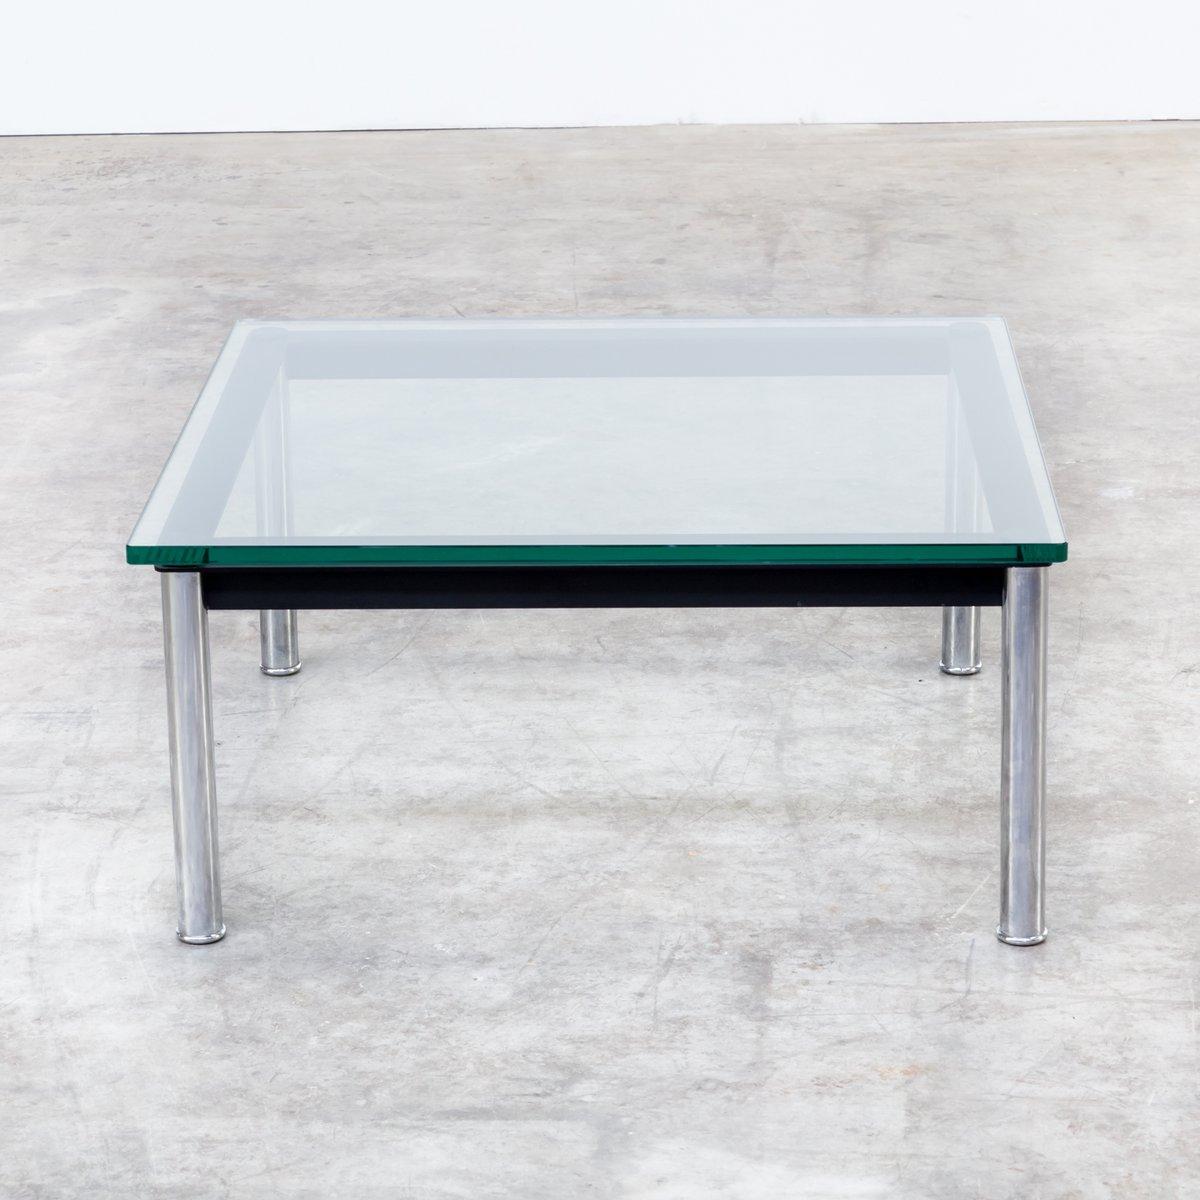 table basse lc10p modèle 3965 par le corbusier, jeanneret et